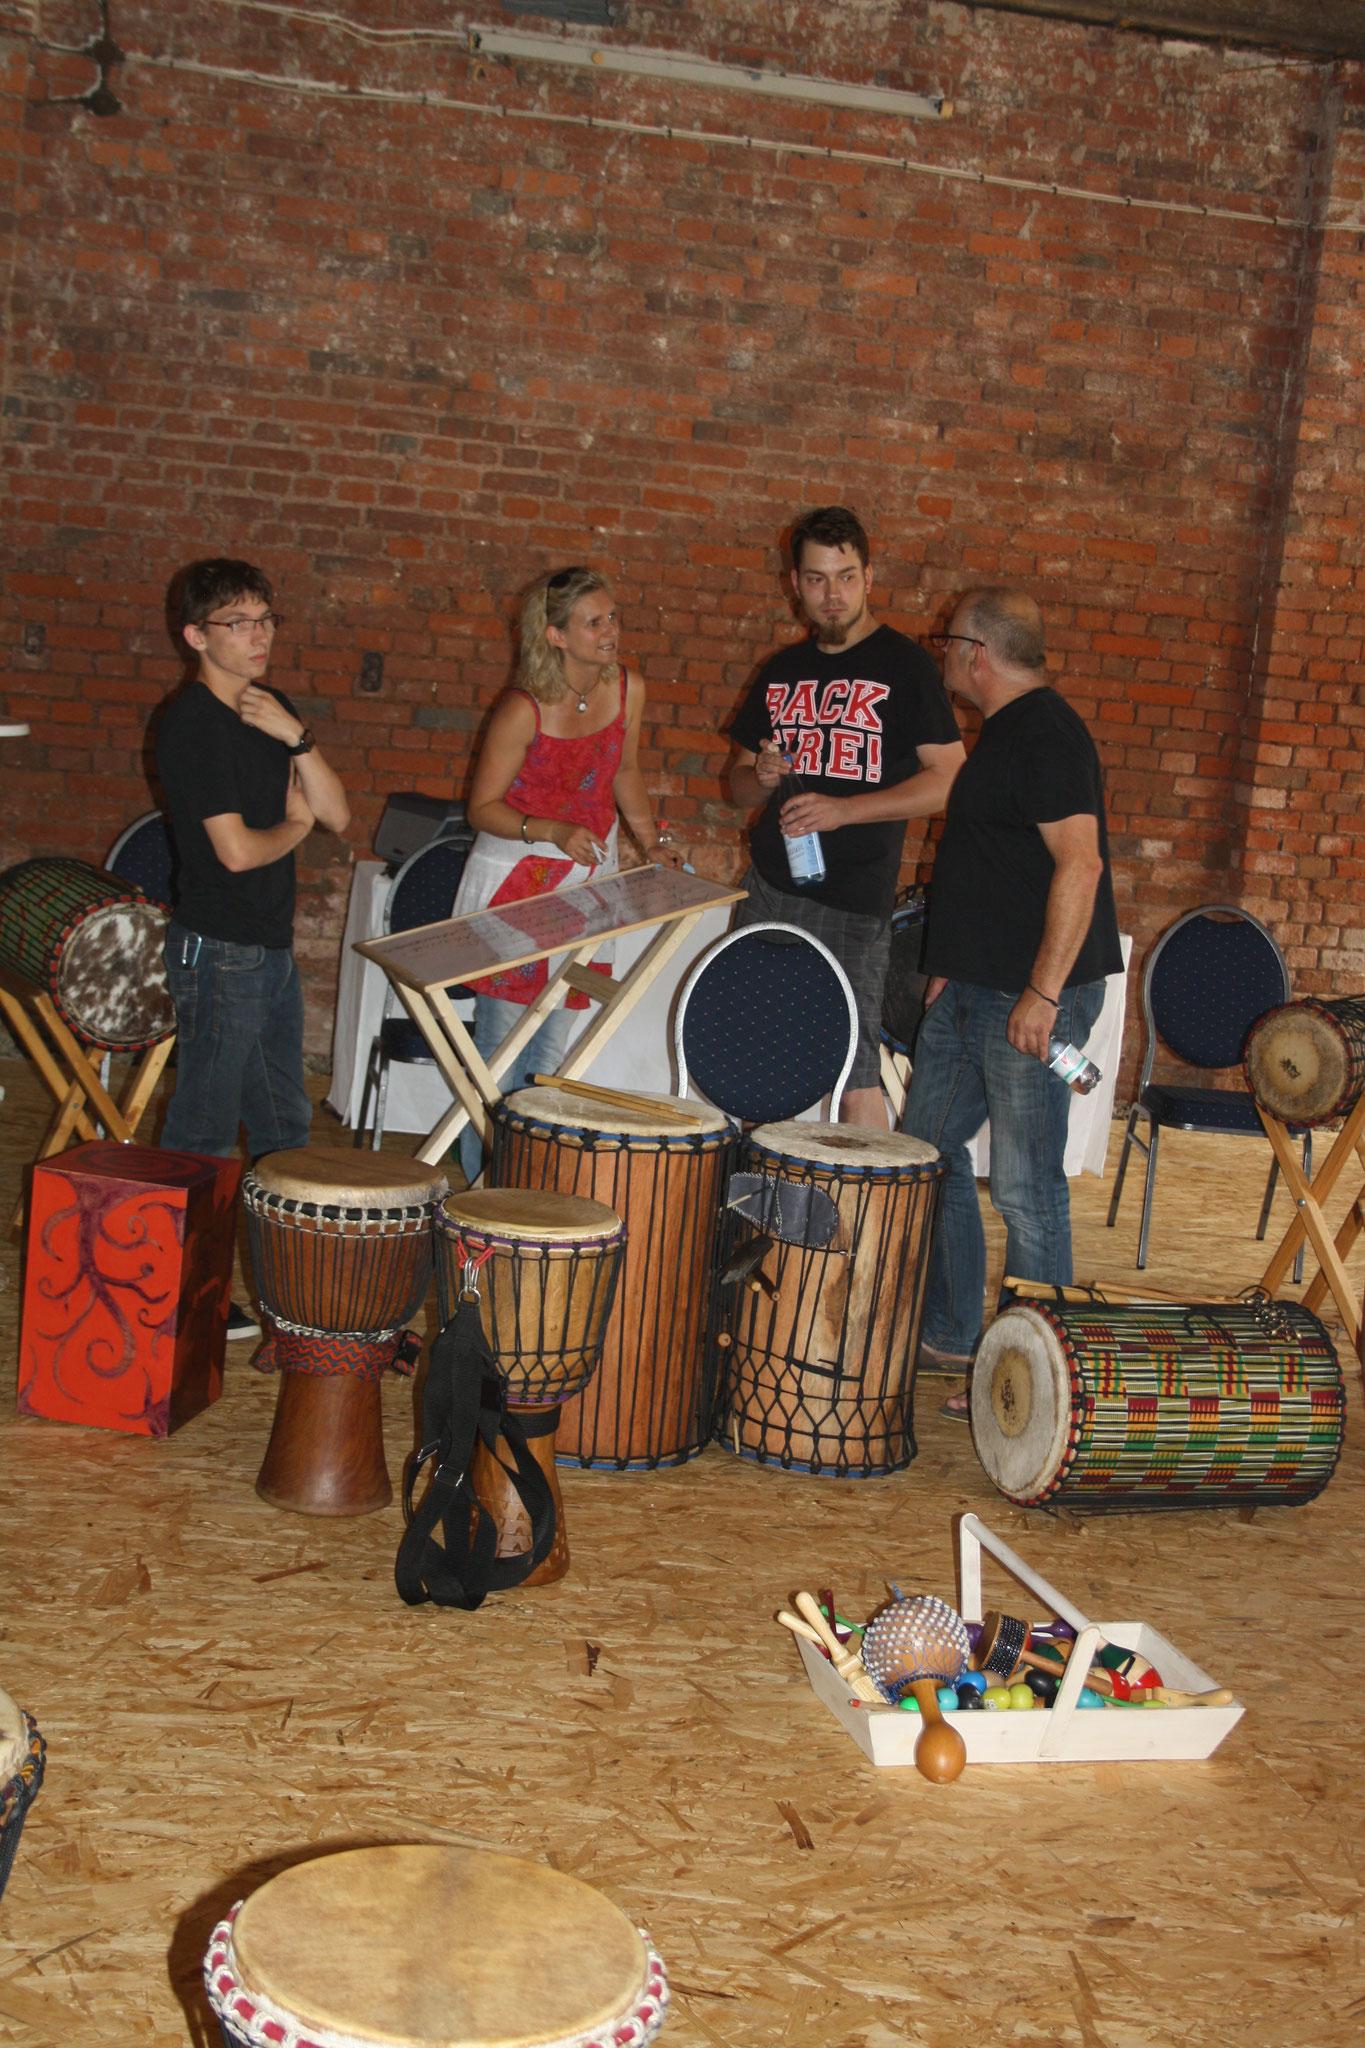 ...da trifft sich auch schon der Percussion workshop.